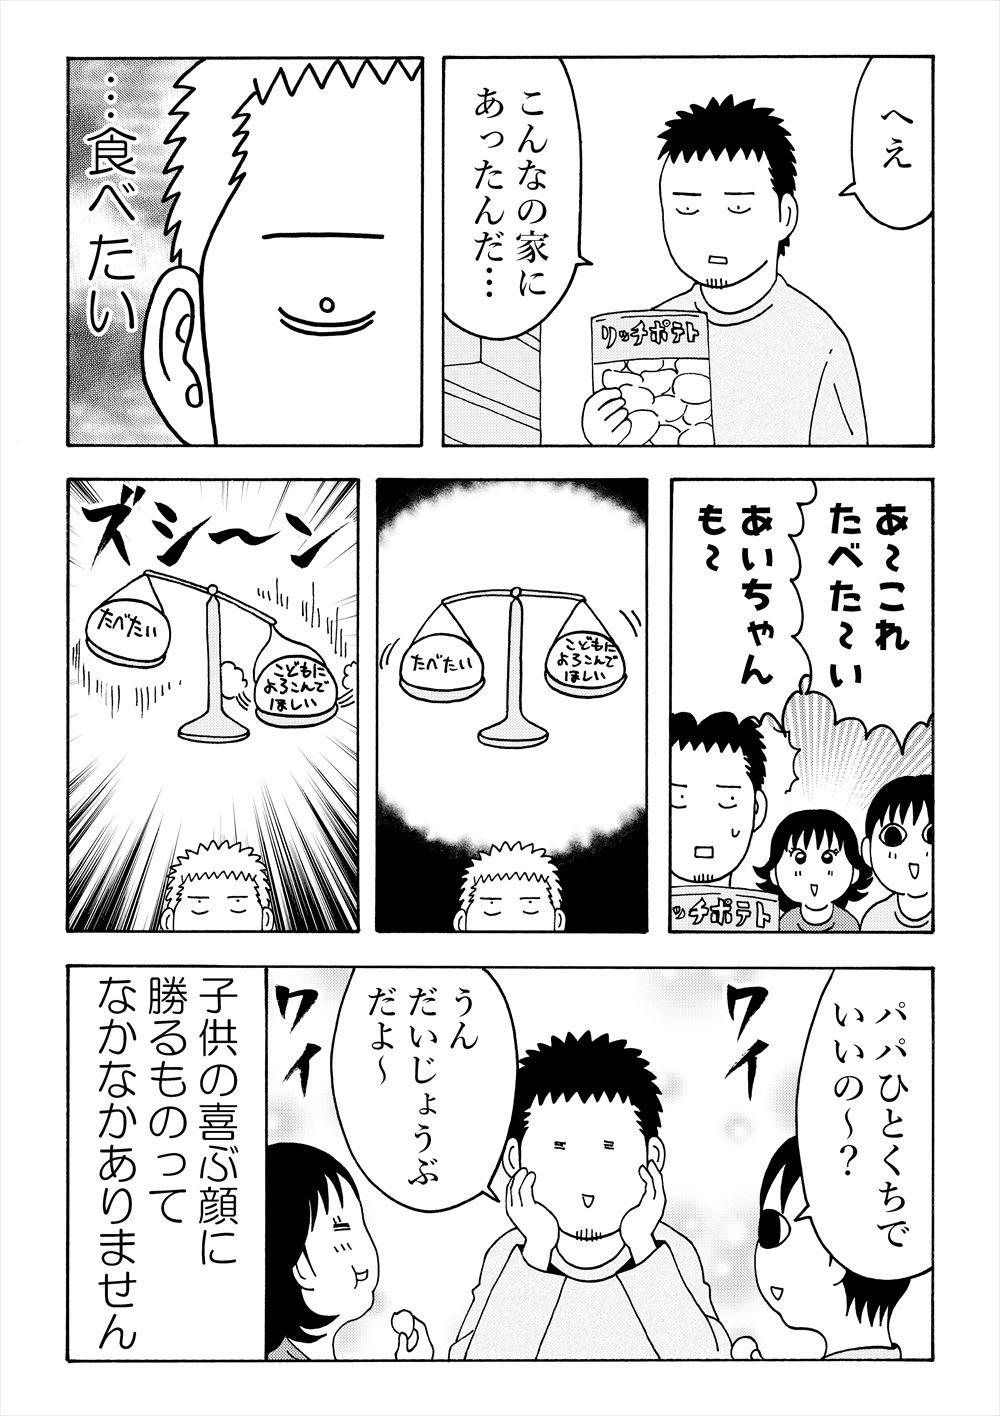 yokoyamake_R